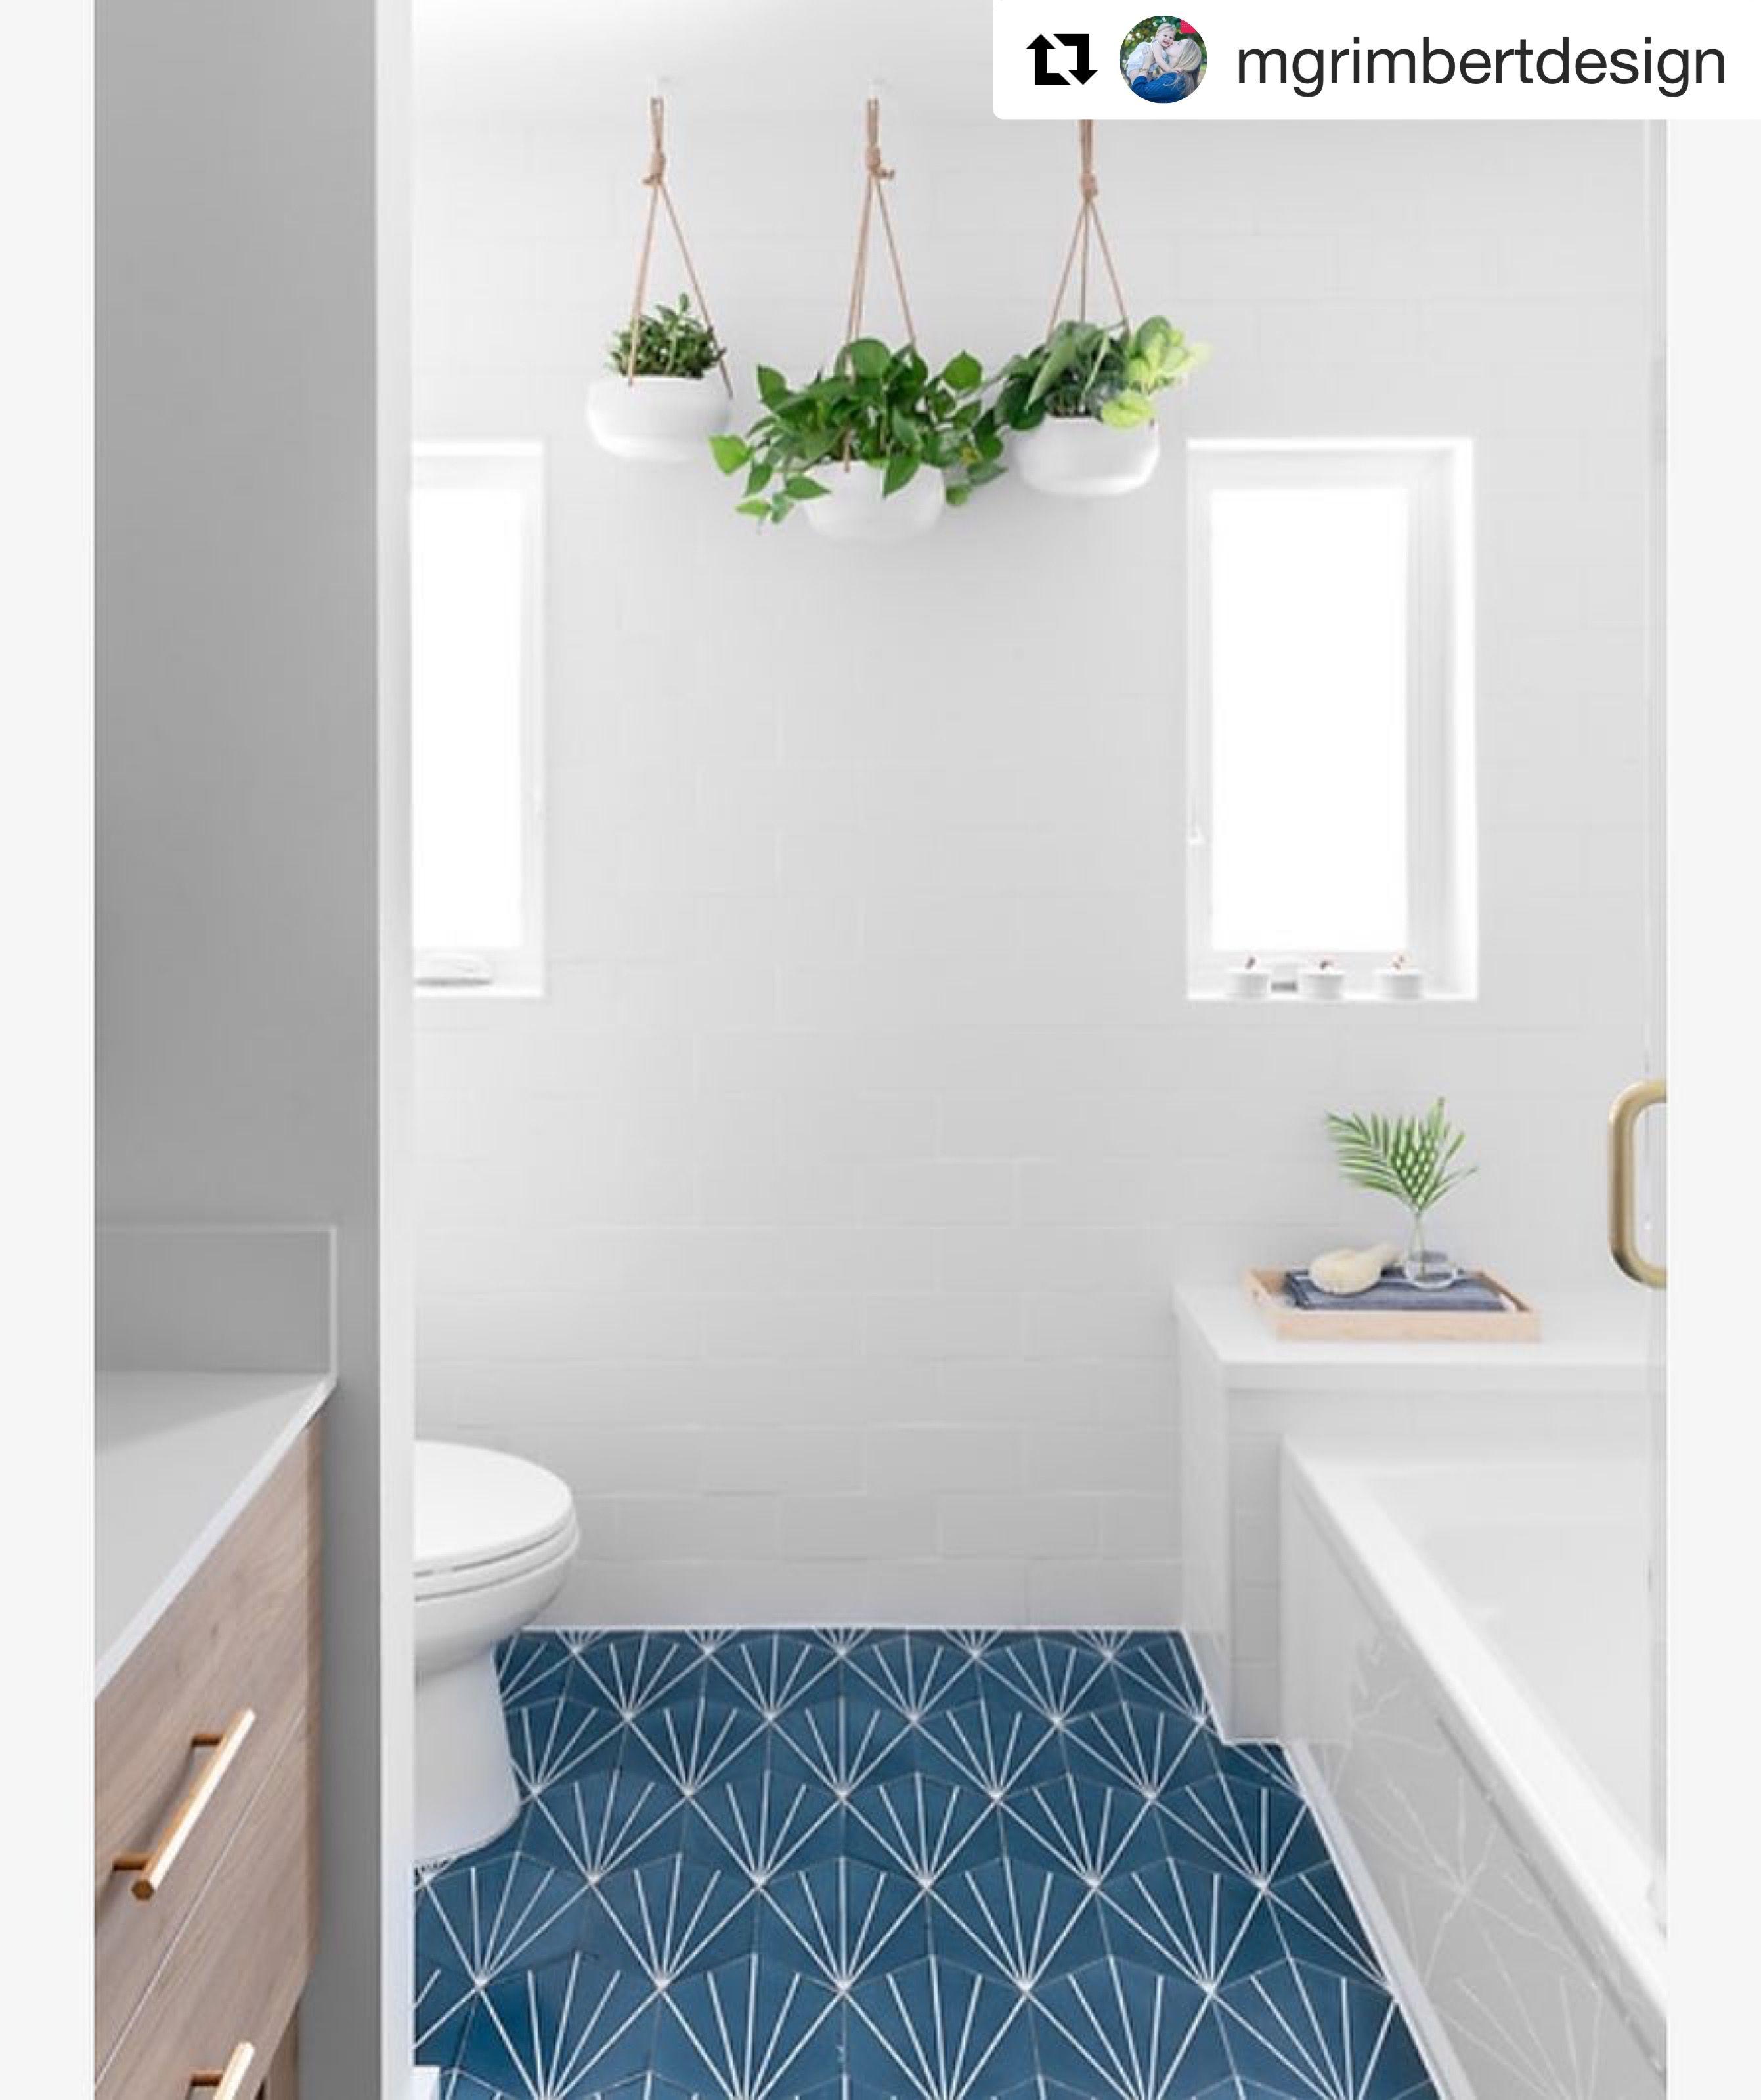 Riad Tile Cement Tile Nola Blue Blue Bathroom Tile Geometric Tiles Bathroom White Tile Bathroom Floor